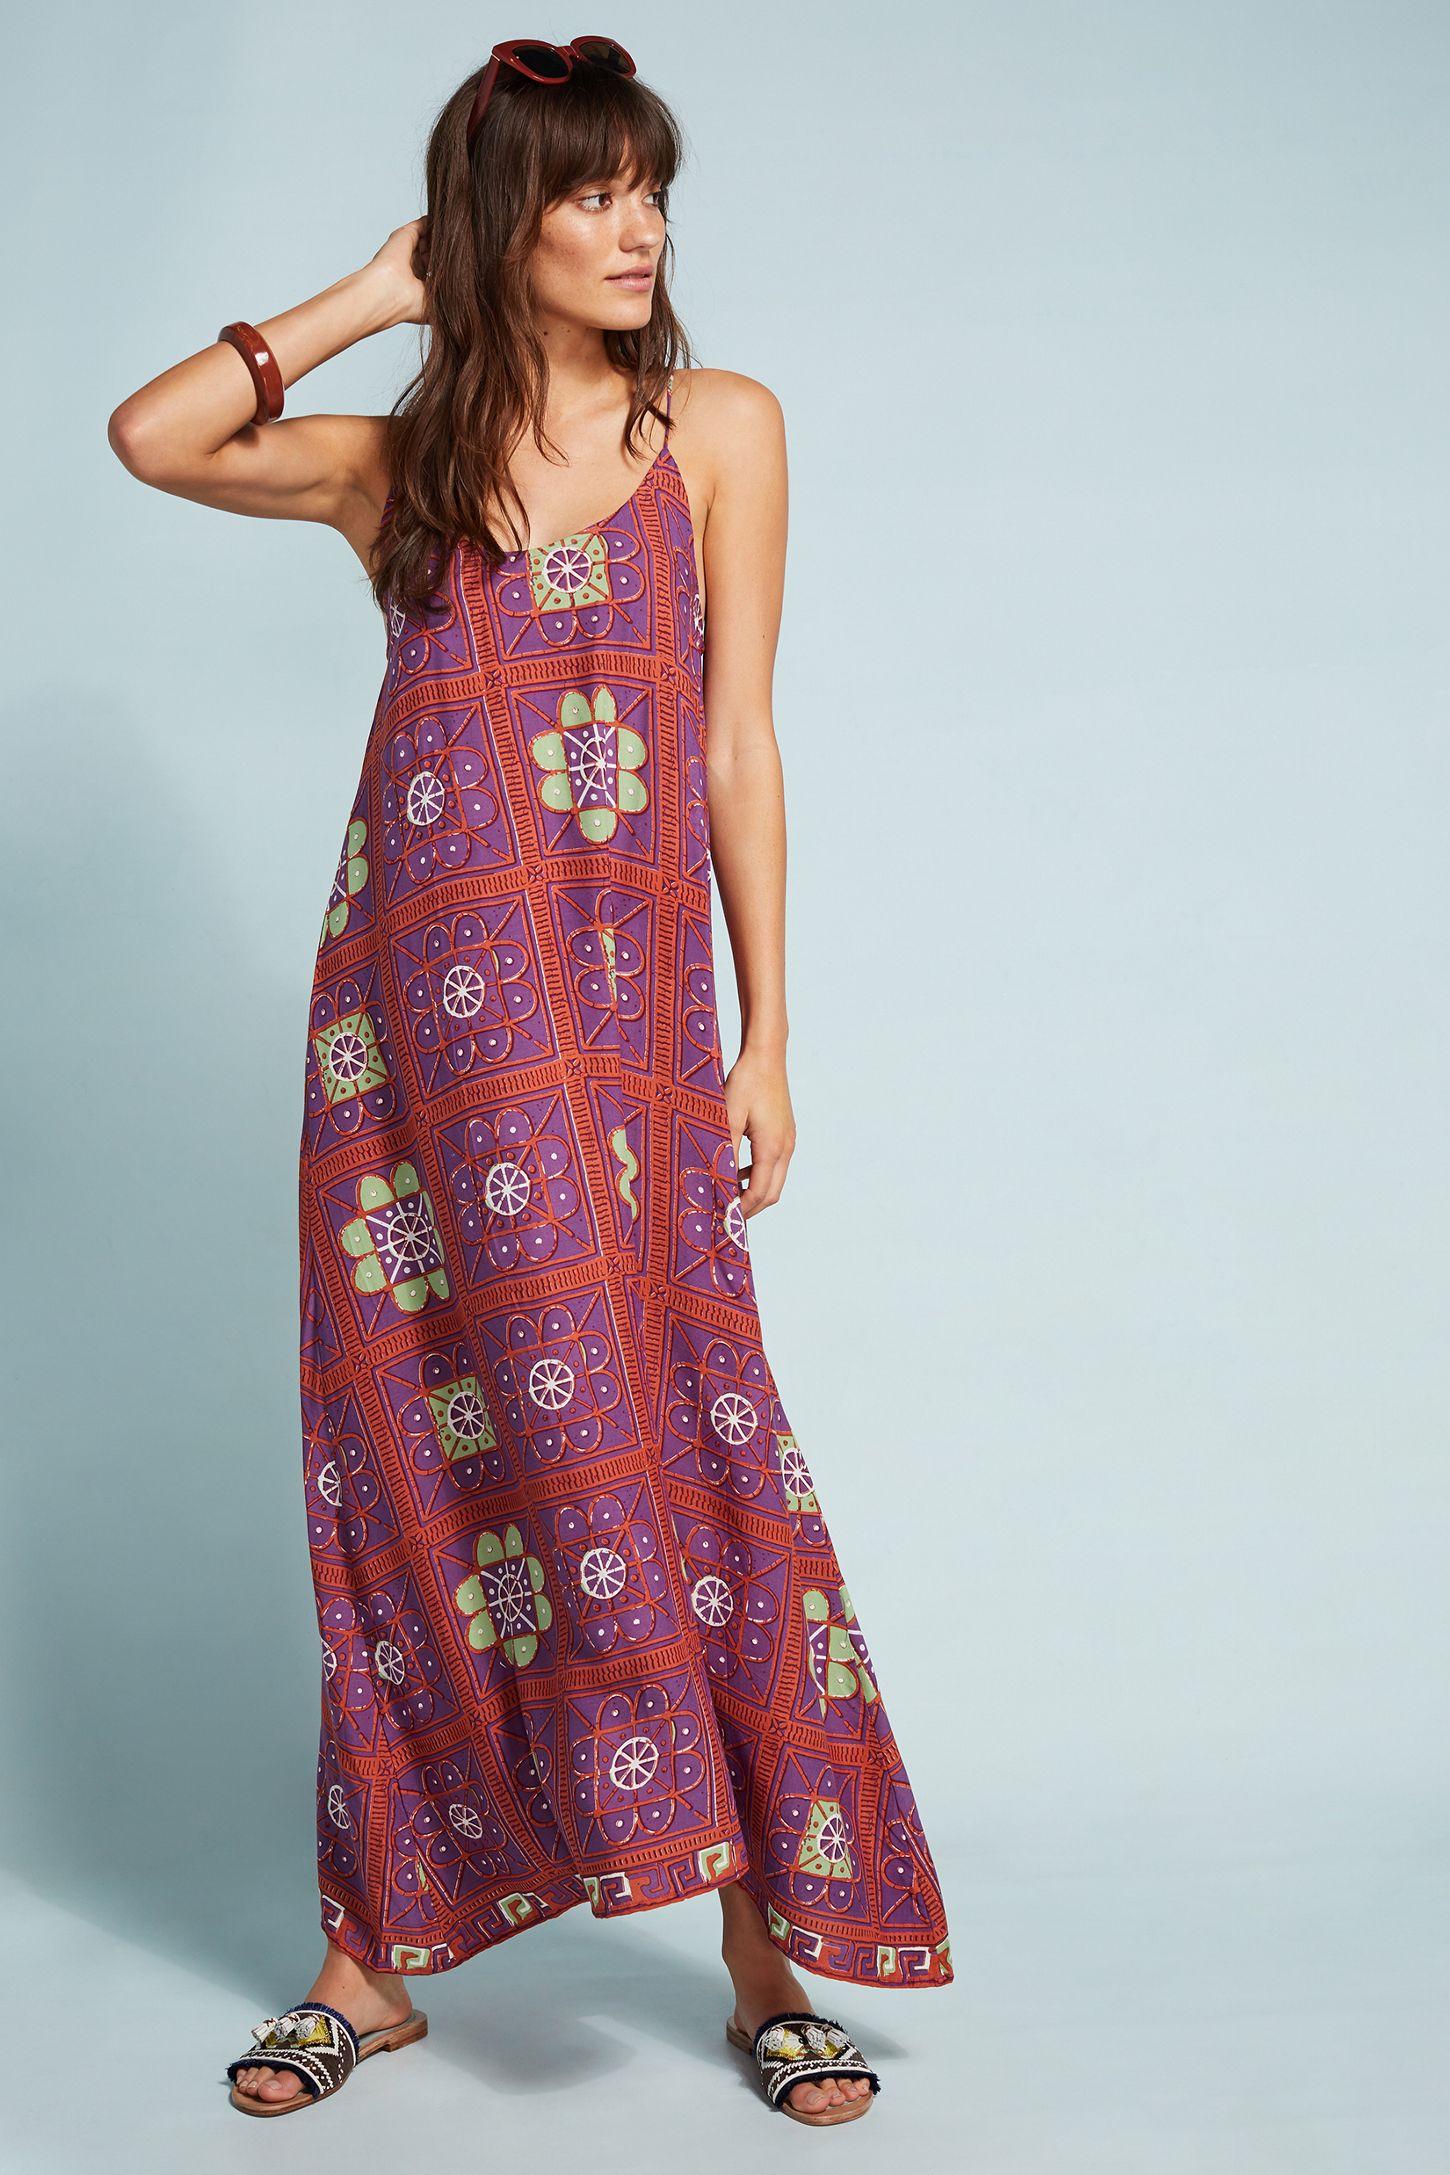 ad9330b5c9f Natalie Martin Heather Maxi Dress